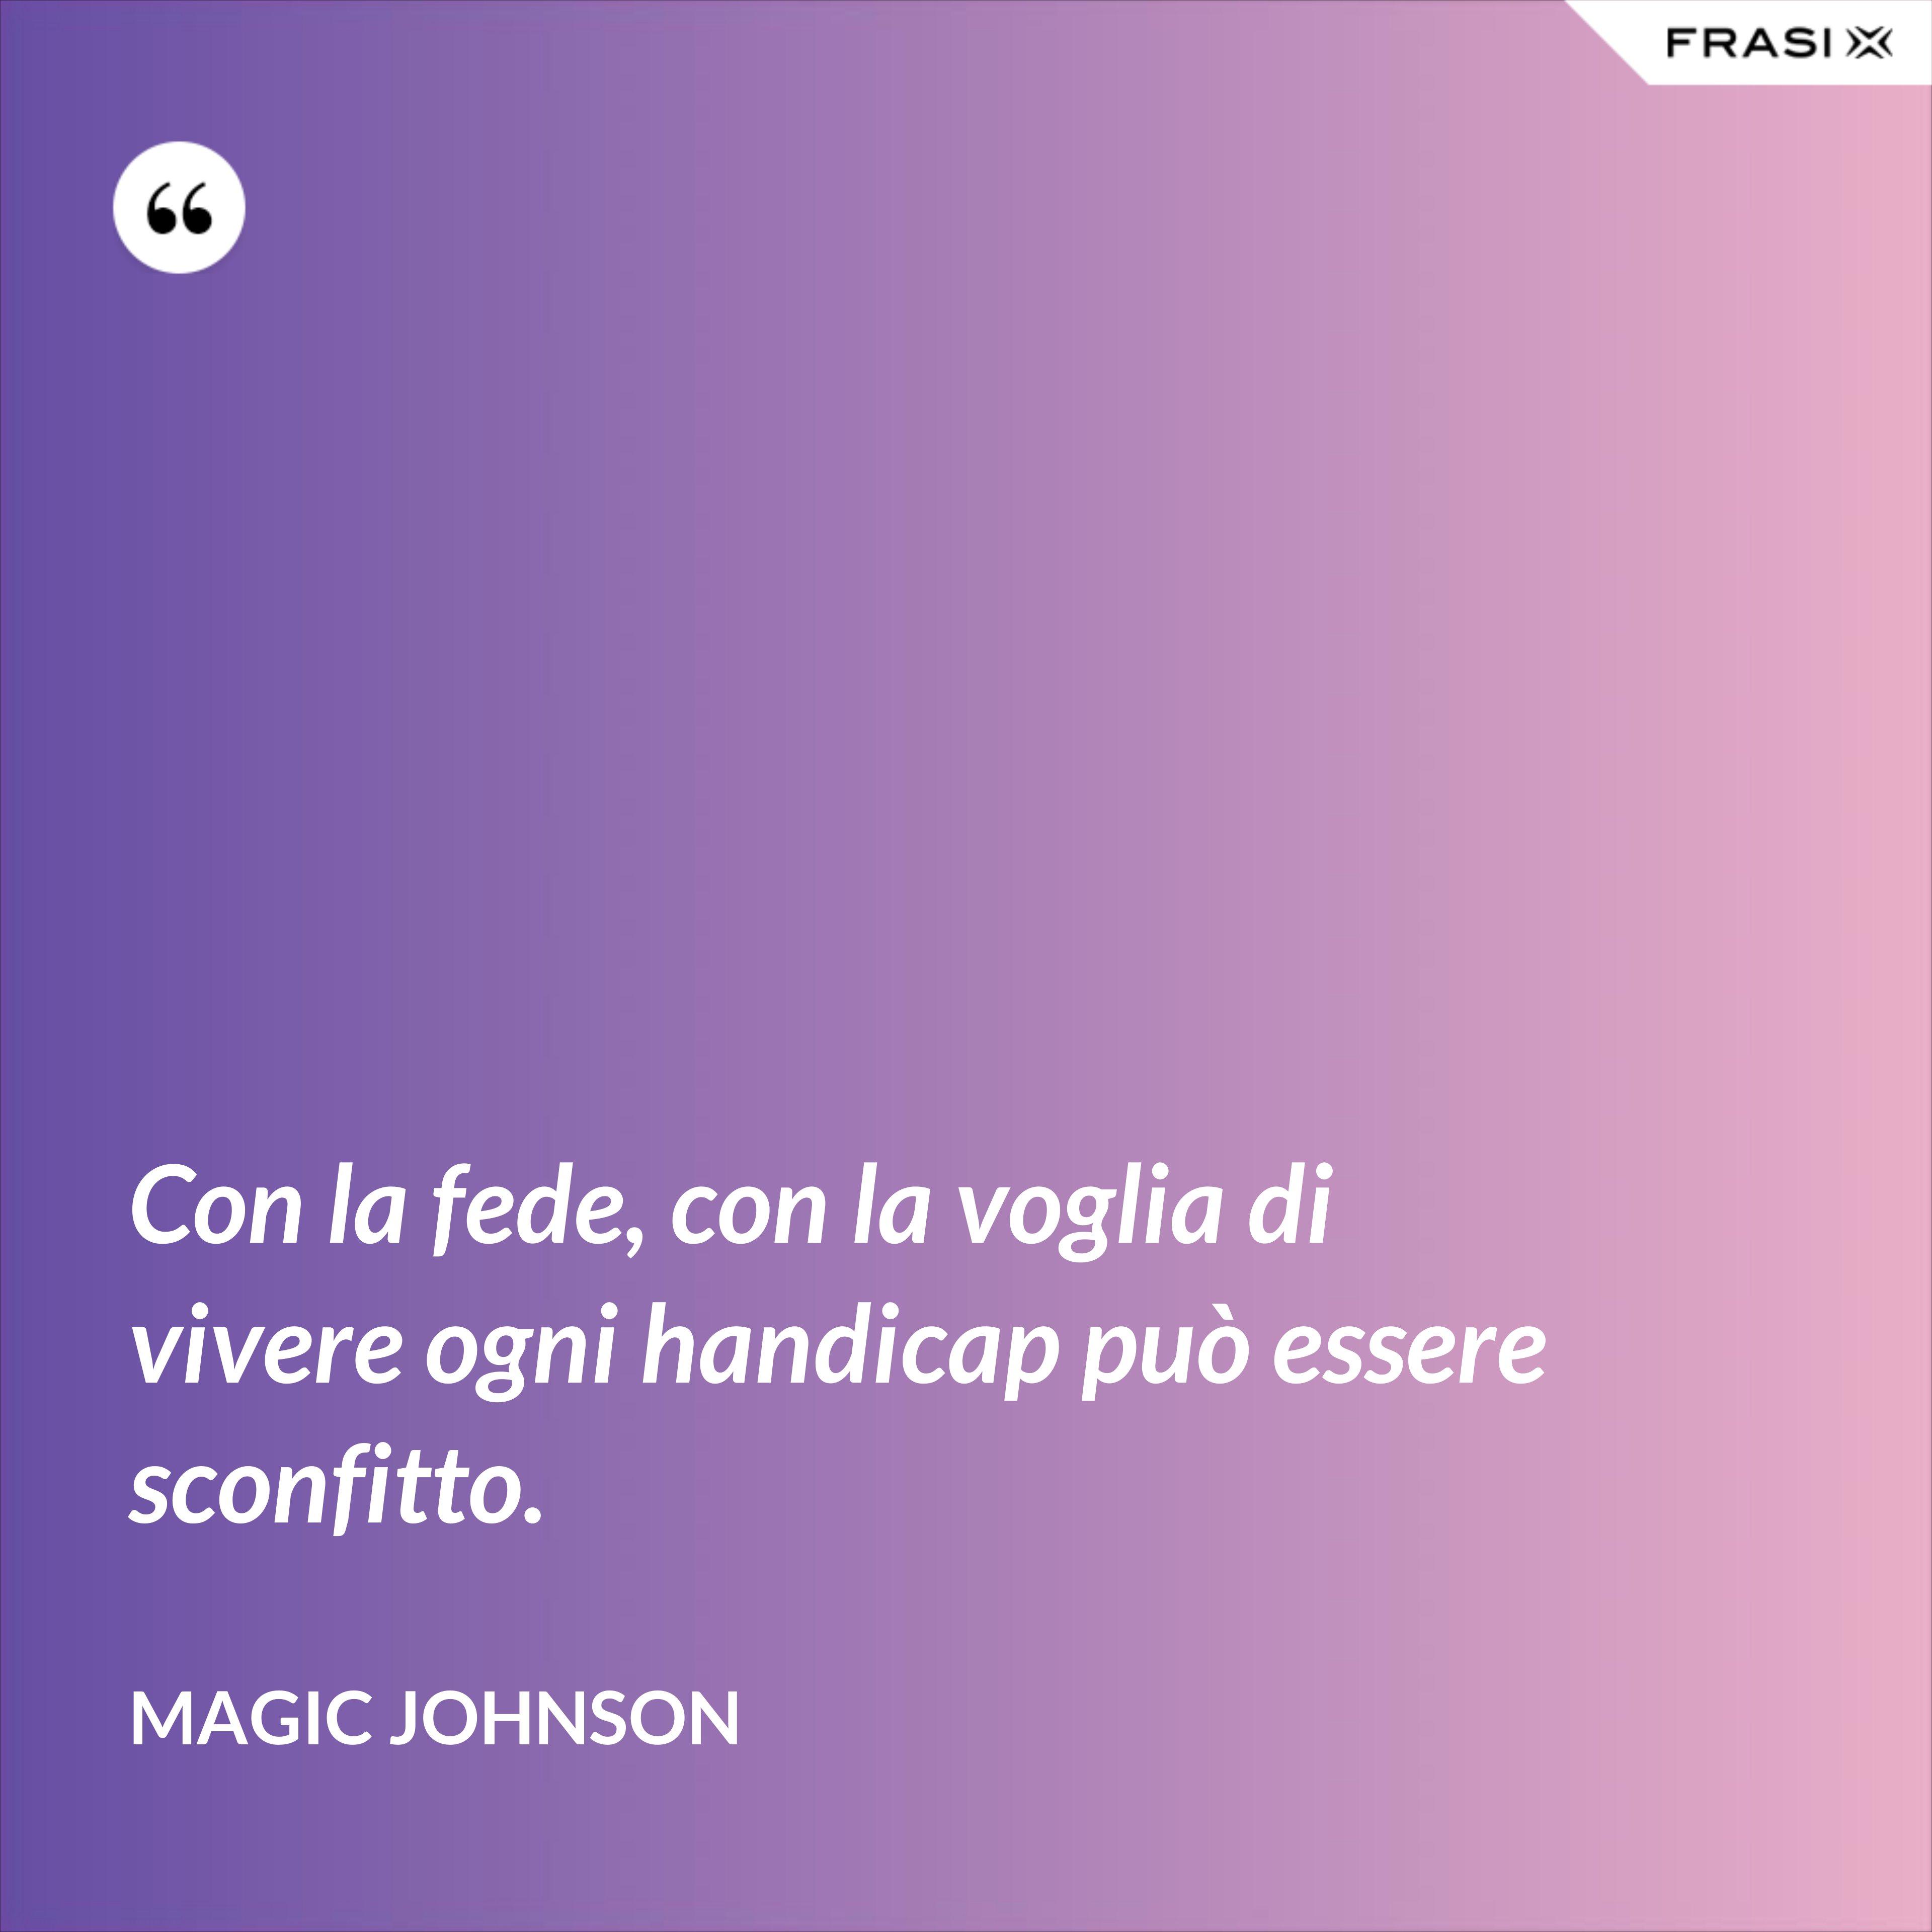 Con la fede, con la voglia di vivere ogni handicap può essere sconfitto. - Magic Johnson